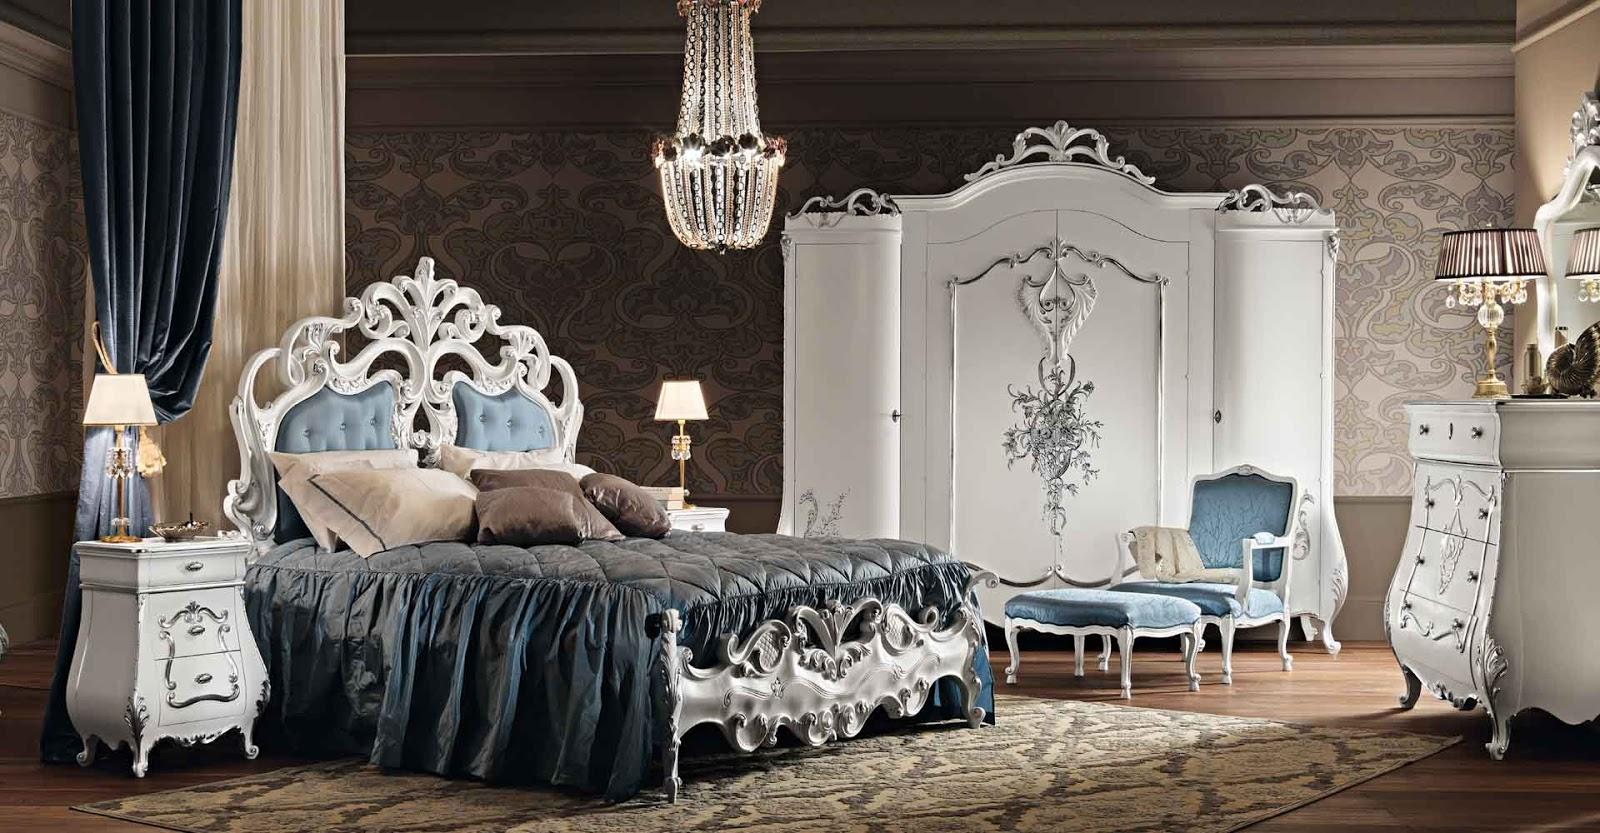 Best Todayu0027s Inspiration : 20+ Luxury Bedroom Design : Luxury Bedroom Furniture luxury bedroom furniture